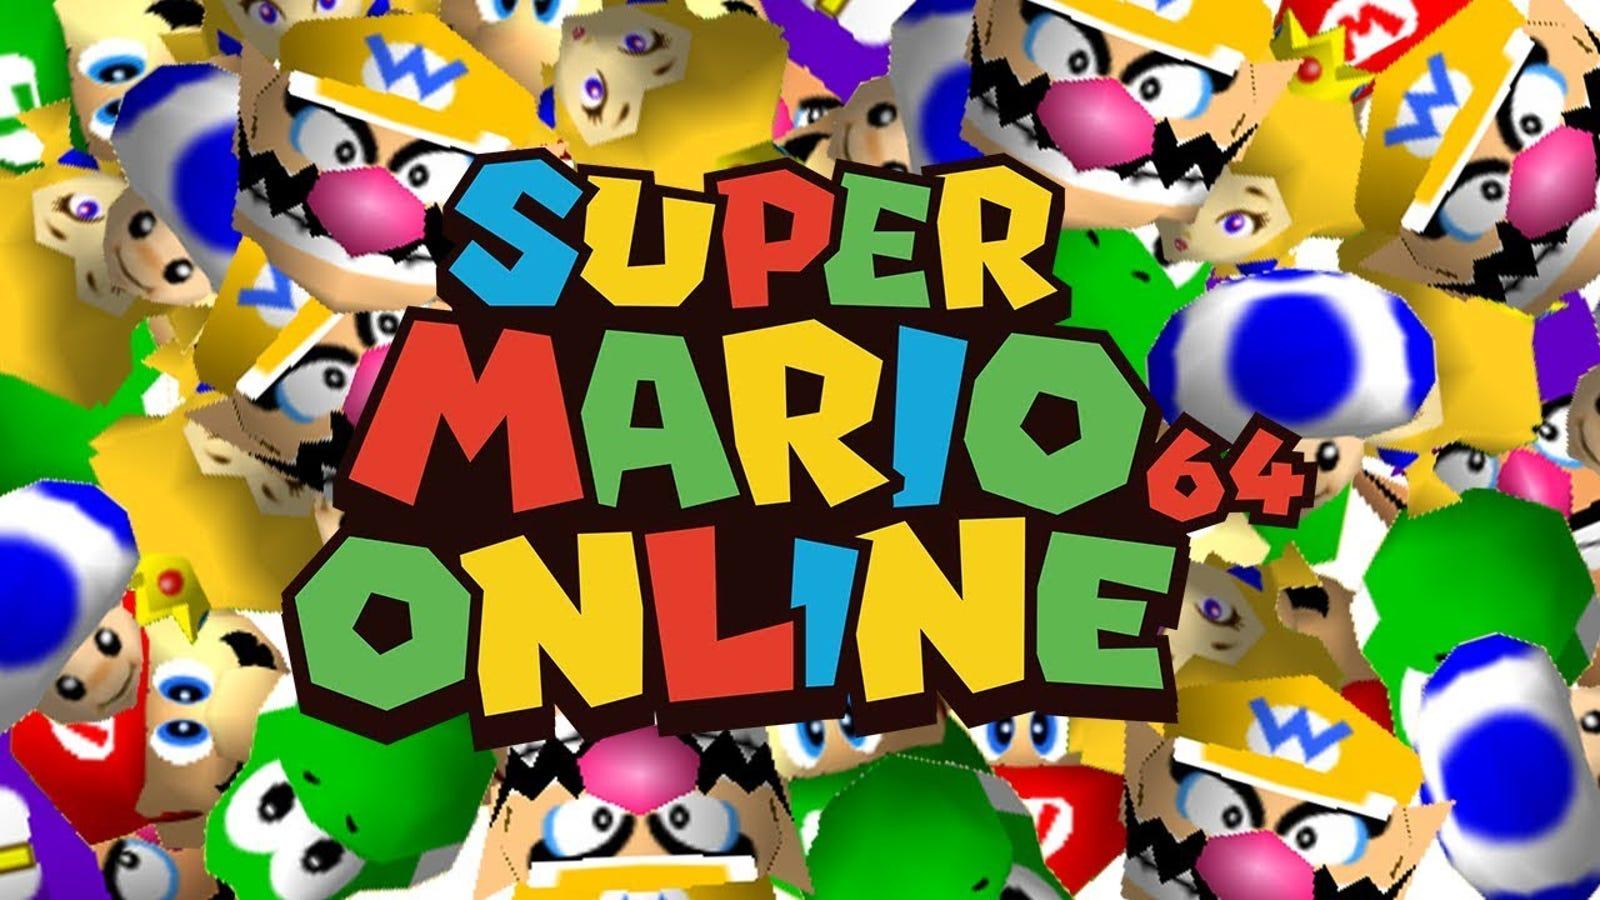 Nintendo Files Copyright Strikes Against Super Mario 64 Online